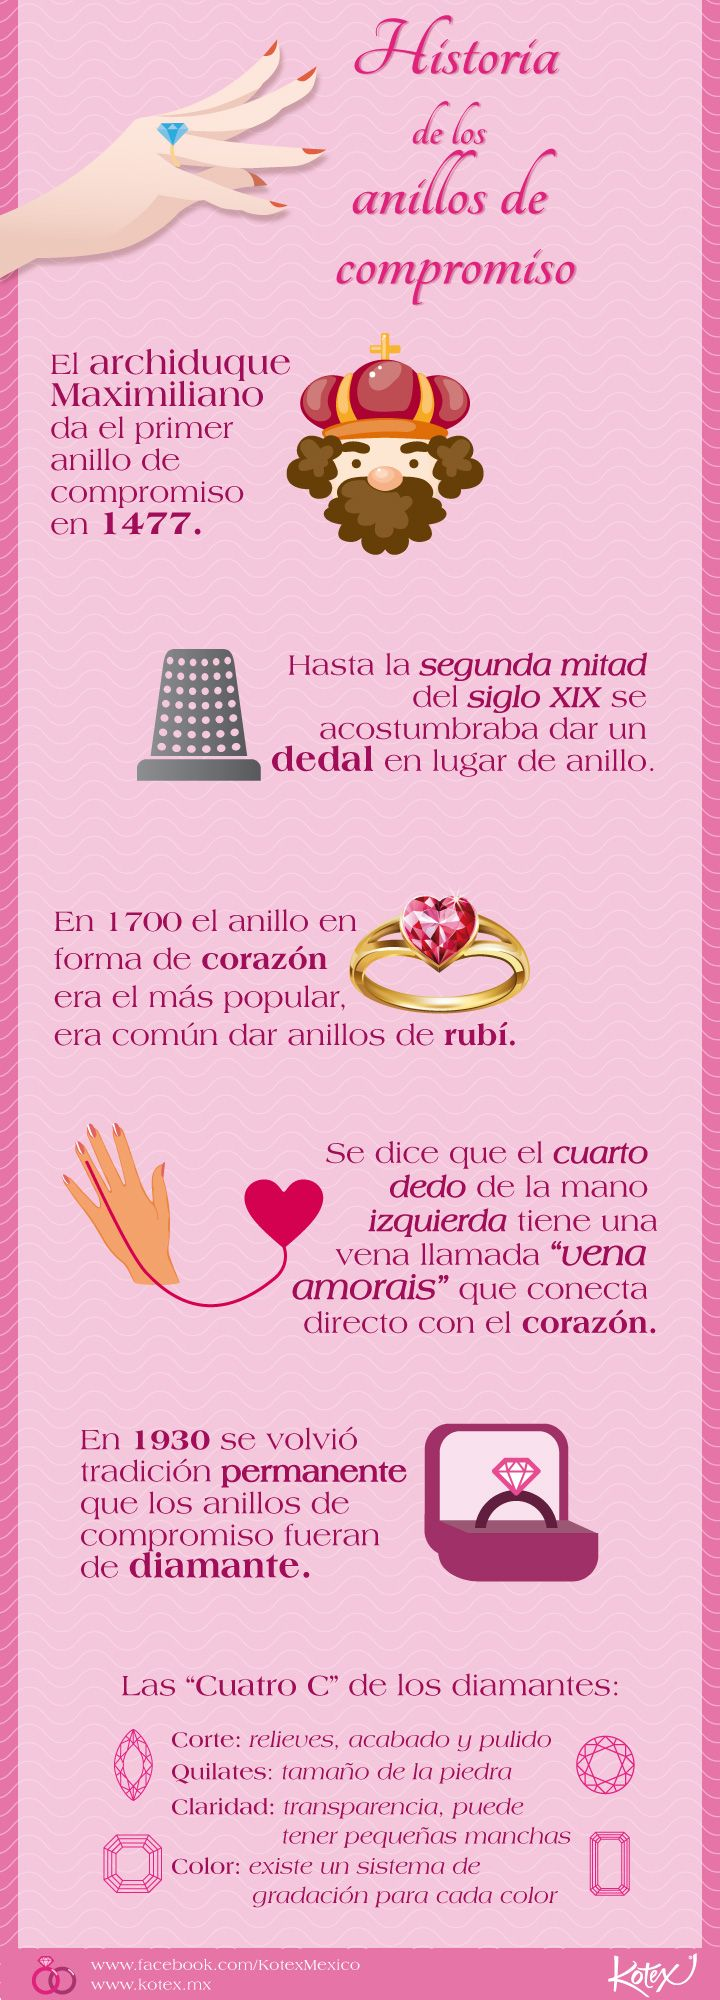 La historia de los anillos de compromiso. #AnillosDeCompromiso